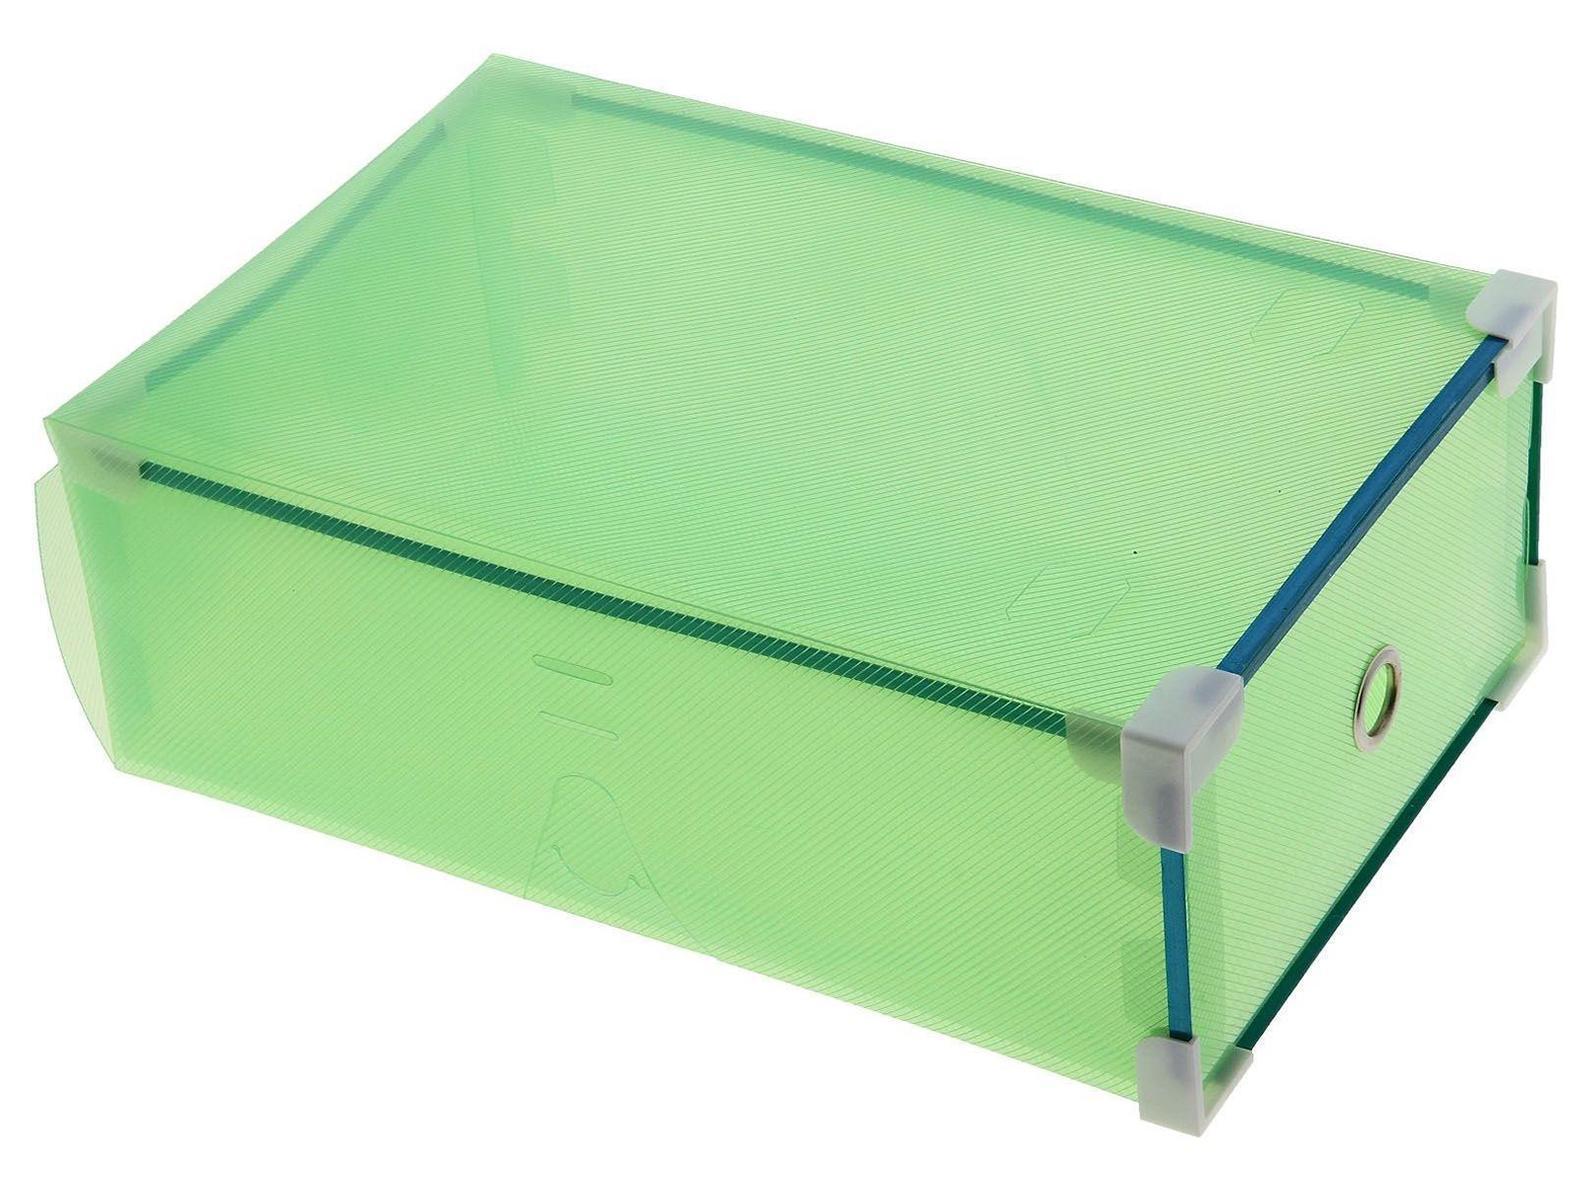 короб для хранения выдвижной 31*19,5*10,5см зеленый 70996610850/1W GOLD IVORYКоробка для мелочей изготовлена из прочного пластика. Предназначена для хранения мелких бытовых мелочей, принадлежностей для шитья и т.д. Коробка оснащена плотно закрывающейся крышкой, которая предотвратит просыпание и потерю мелких вещиц.Коробка для мелочей сохранит ваши вещи в порядке. Материал: Пластик, металл